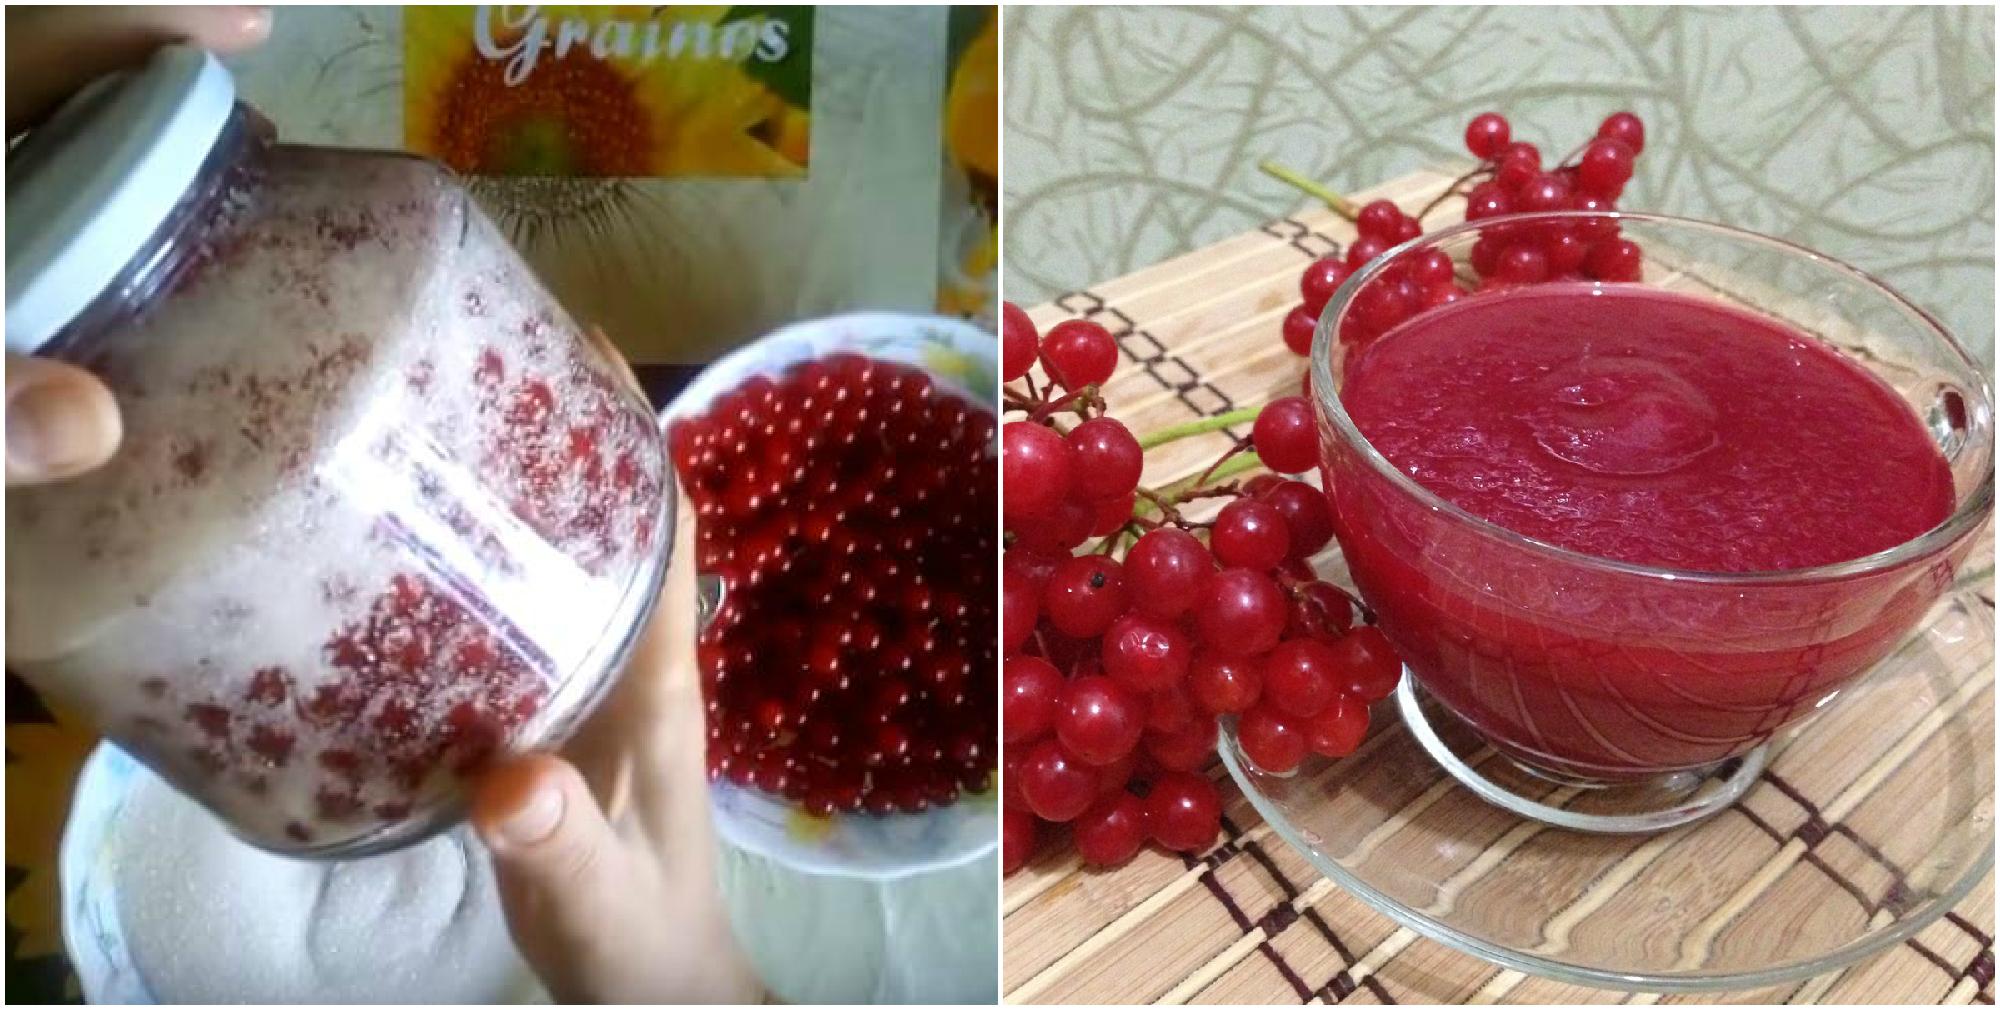 Калина — дуже корисна ягода для здоров'я. Кілька гарних рецептів для заготівлі на зиму